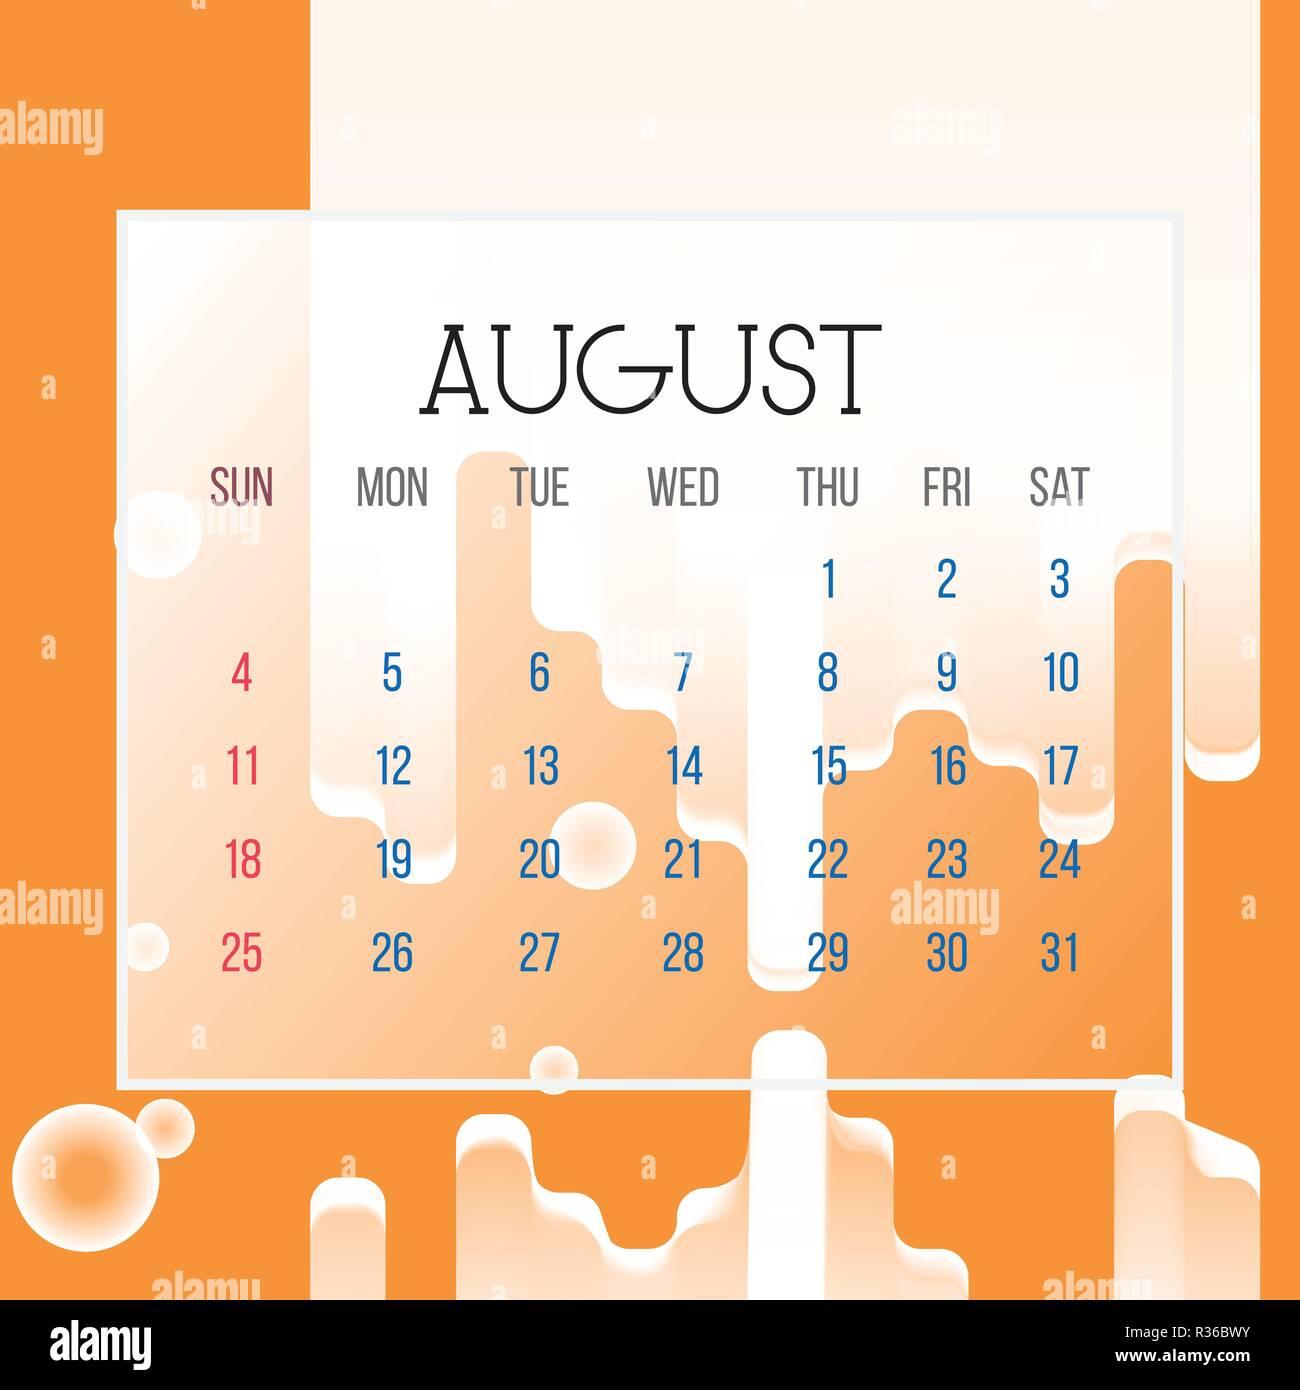 Pagina Calendario Agosto 2019.Agosto 2019 Calendario Leaf Illustrazione Vettore Grafico